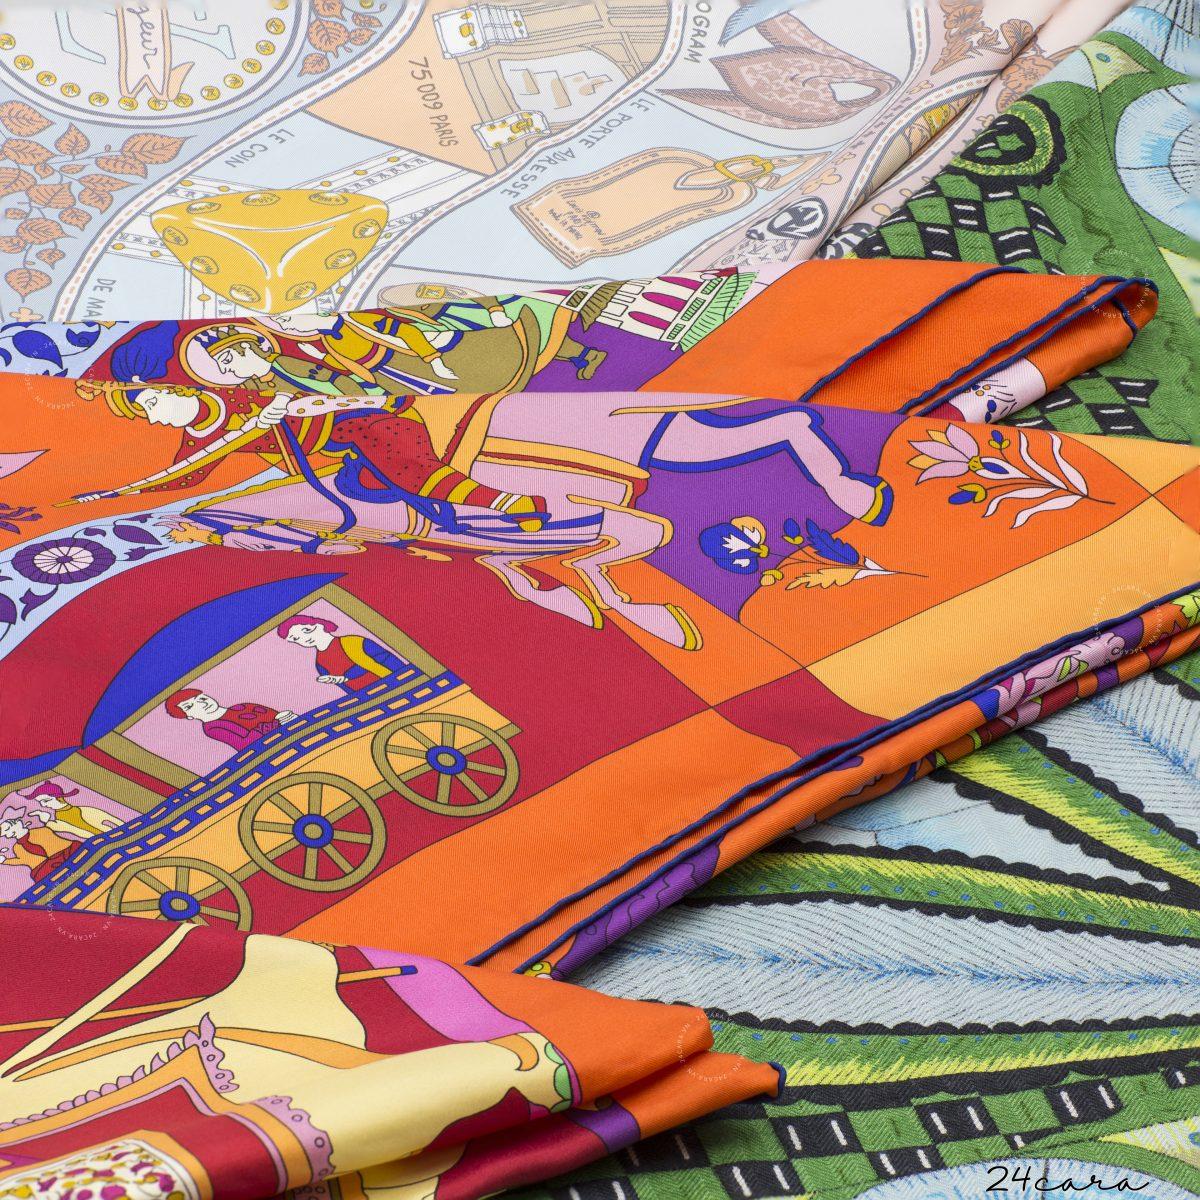 Quá trình ra đời chiếc khăn lụa nổi tiếng của Hermes